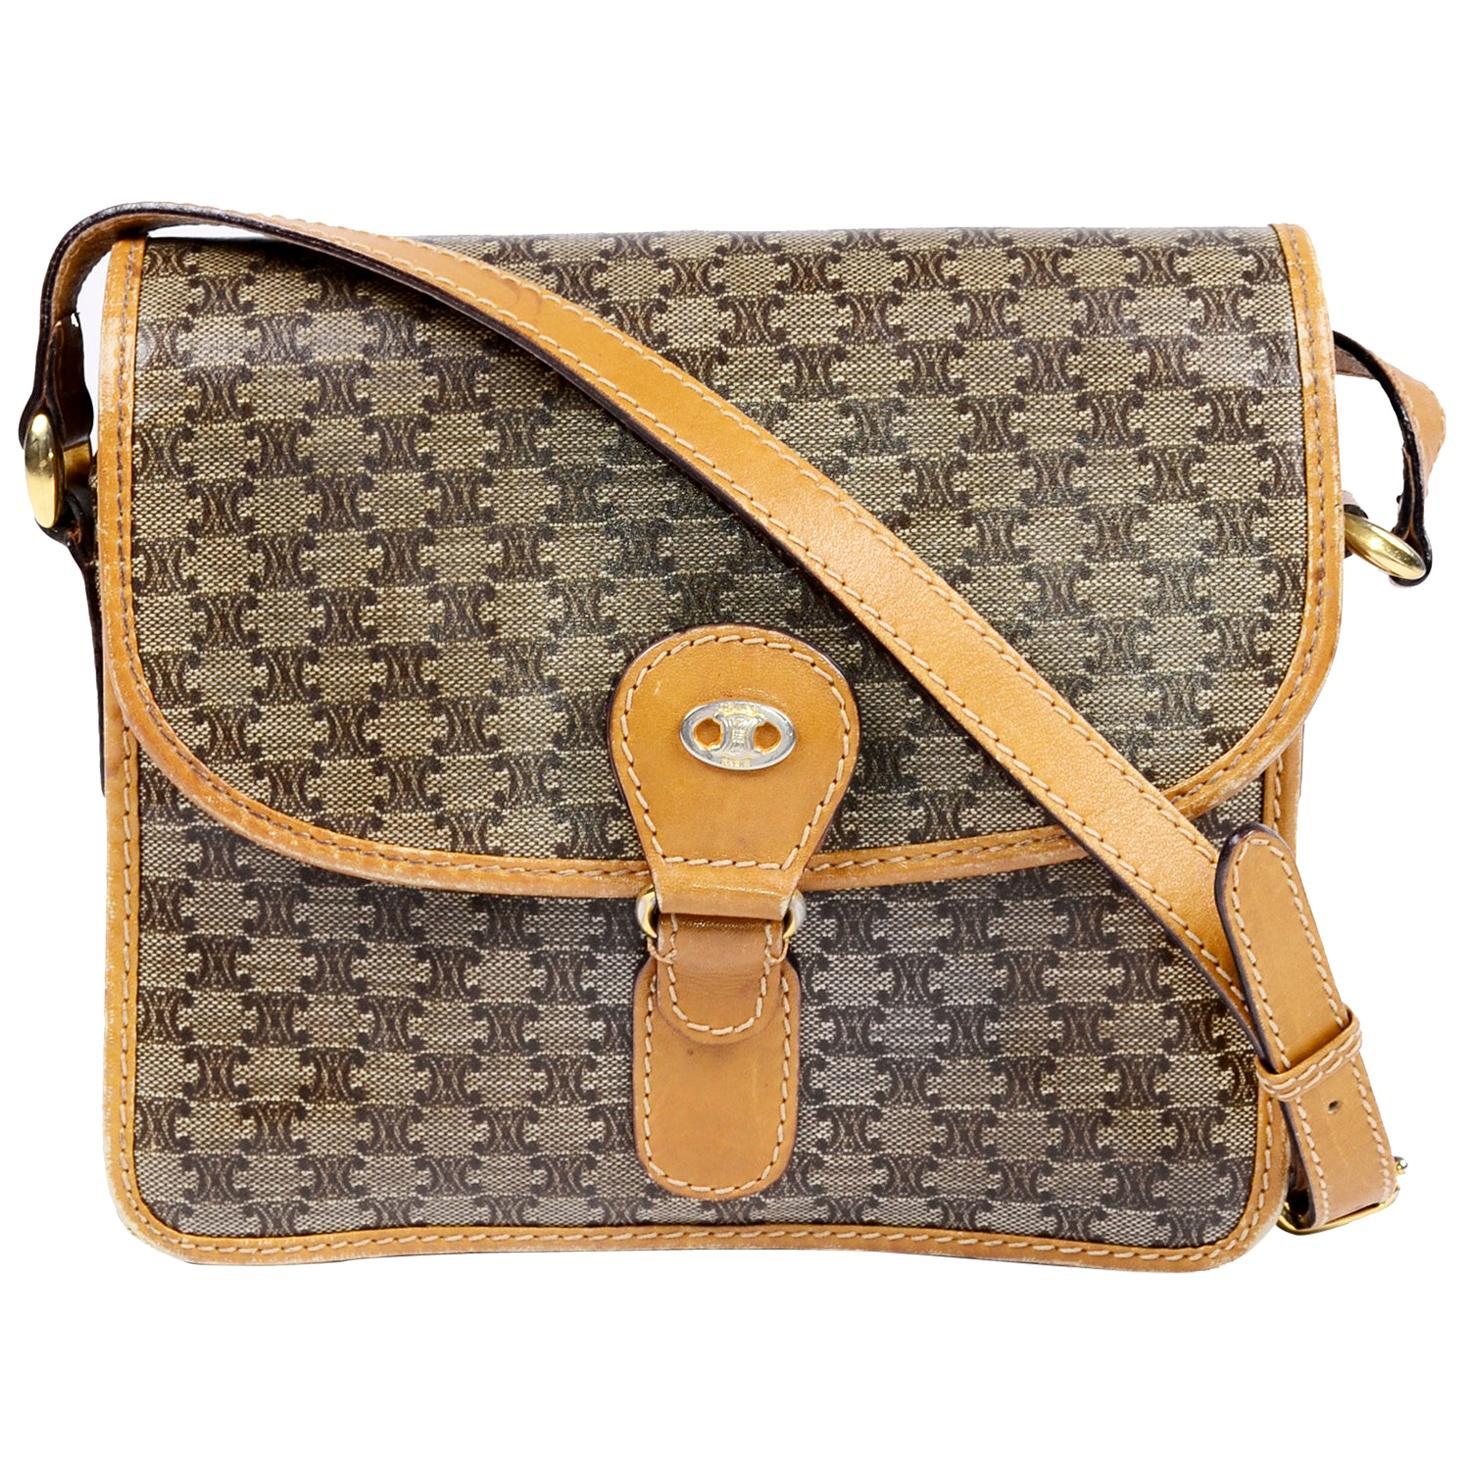 Vintage Celine Shoulder Bag Tan Monogram Logo Handbag w/ Leather Trim